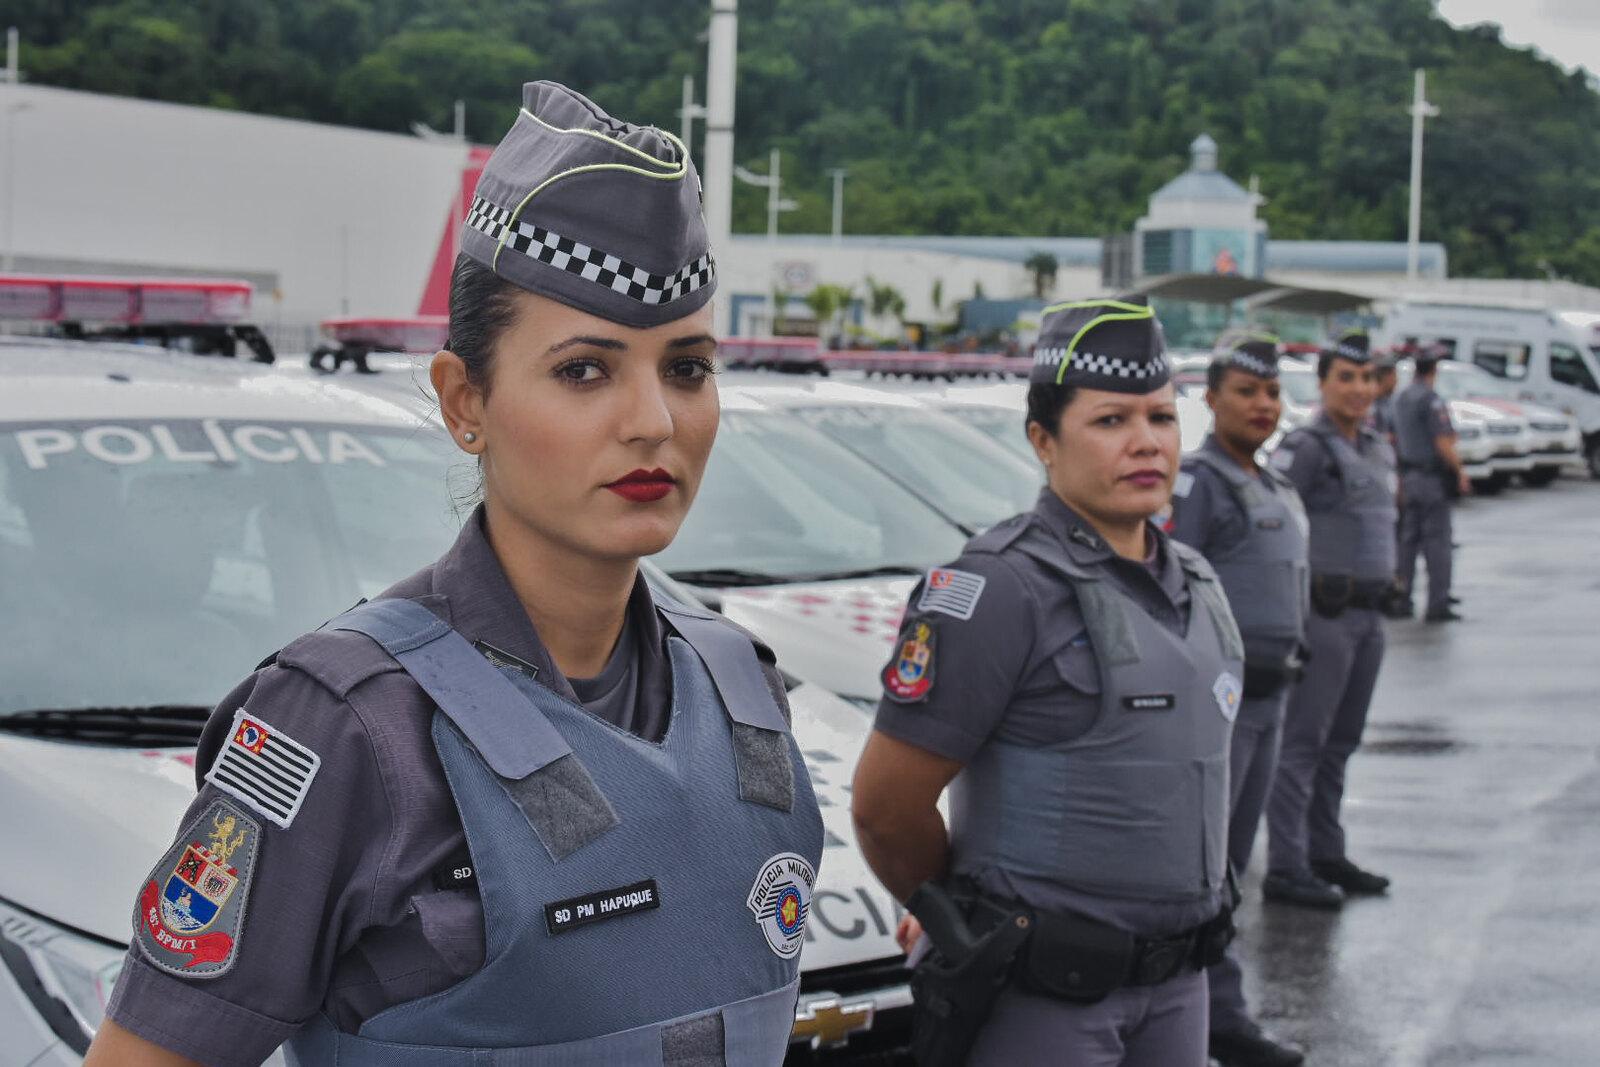 Presença de policiais femininas é obrigatória durante patrulhas (foto: Governo do Estado de São Paulo)<a style='float:right' href='https://www3.al.sp.gov.br/repositorio/noticia/N-07-2021/fg270664.jpg' target=_blank><img src='/_img/material-file-download-white.png' width='14px' alt='Clique para baixar a imagem'></a>